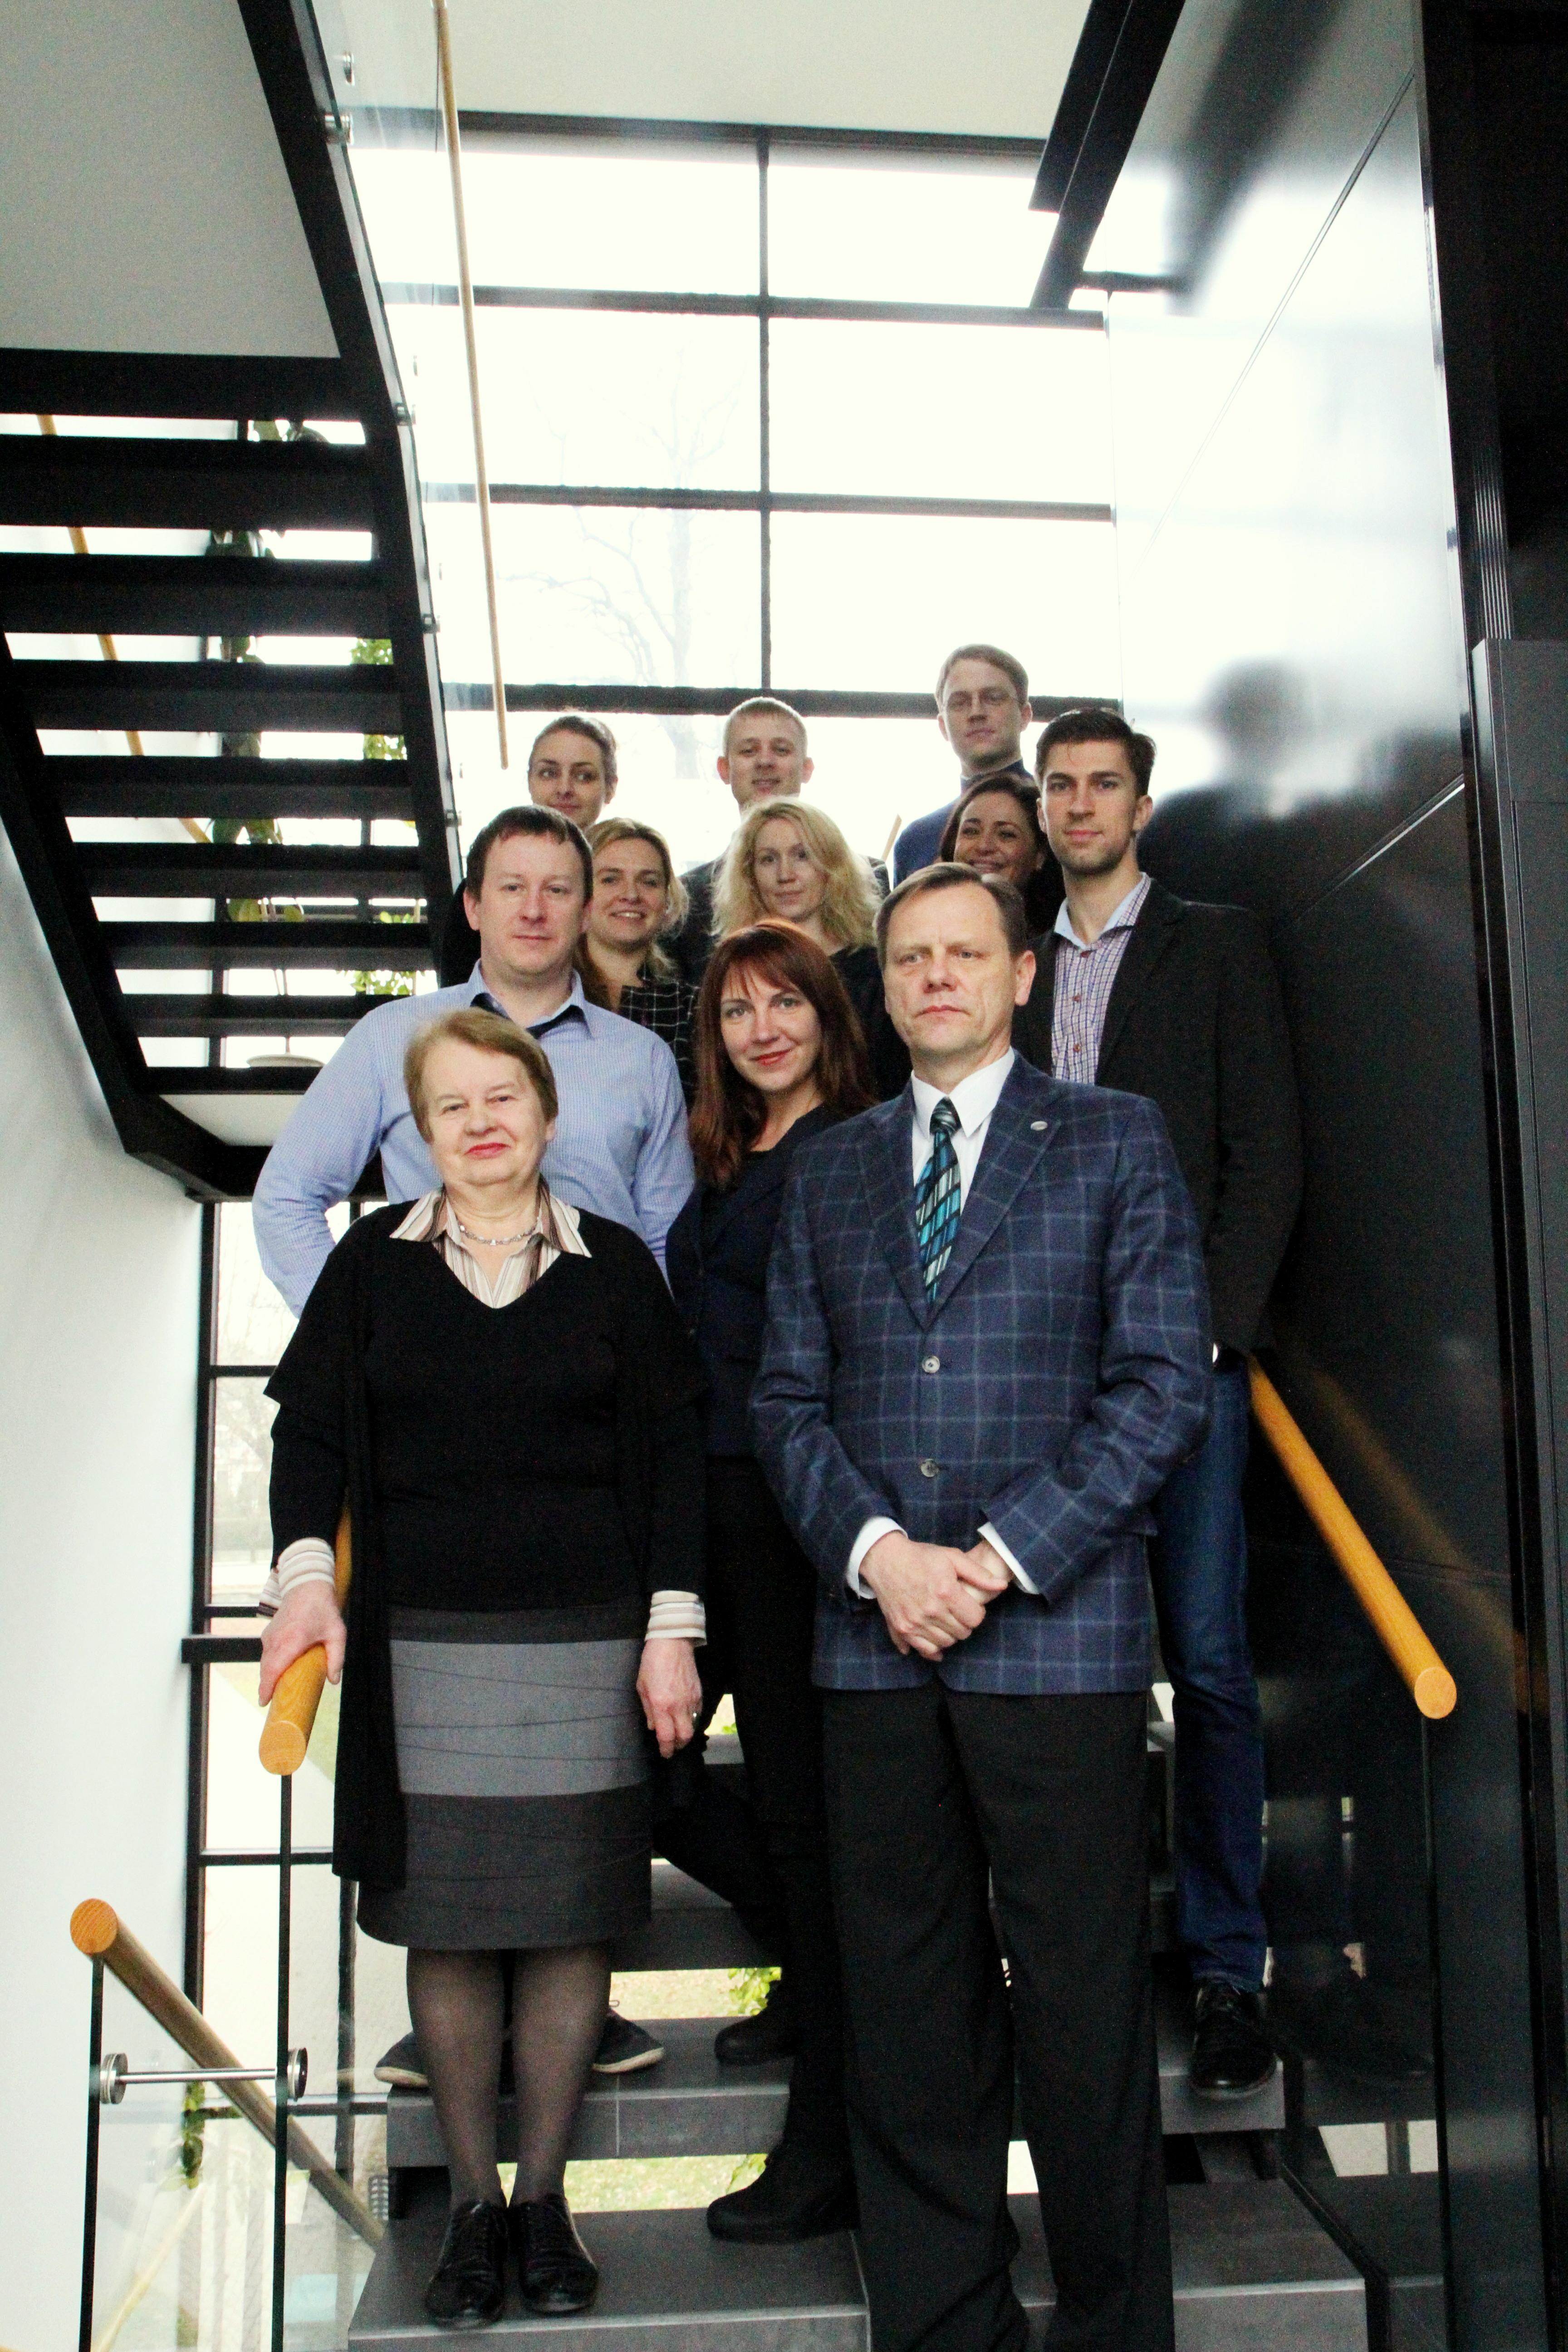 J.Liesienės ir G.Juodžbalio vadovaujamos mokslinės grupės (KTU nuotr.)